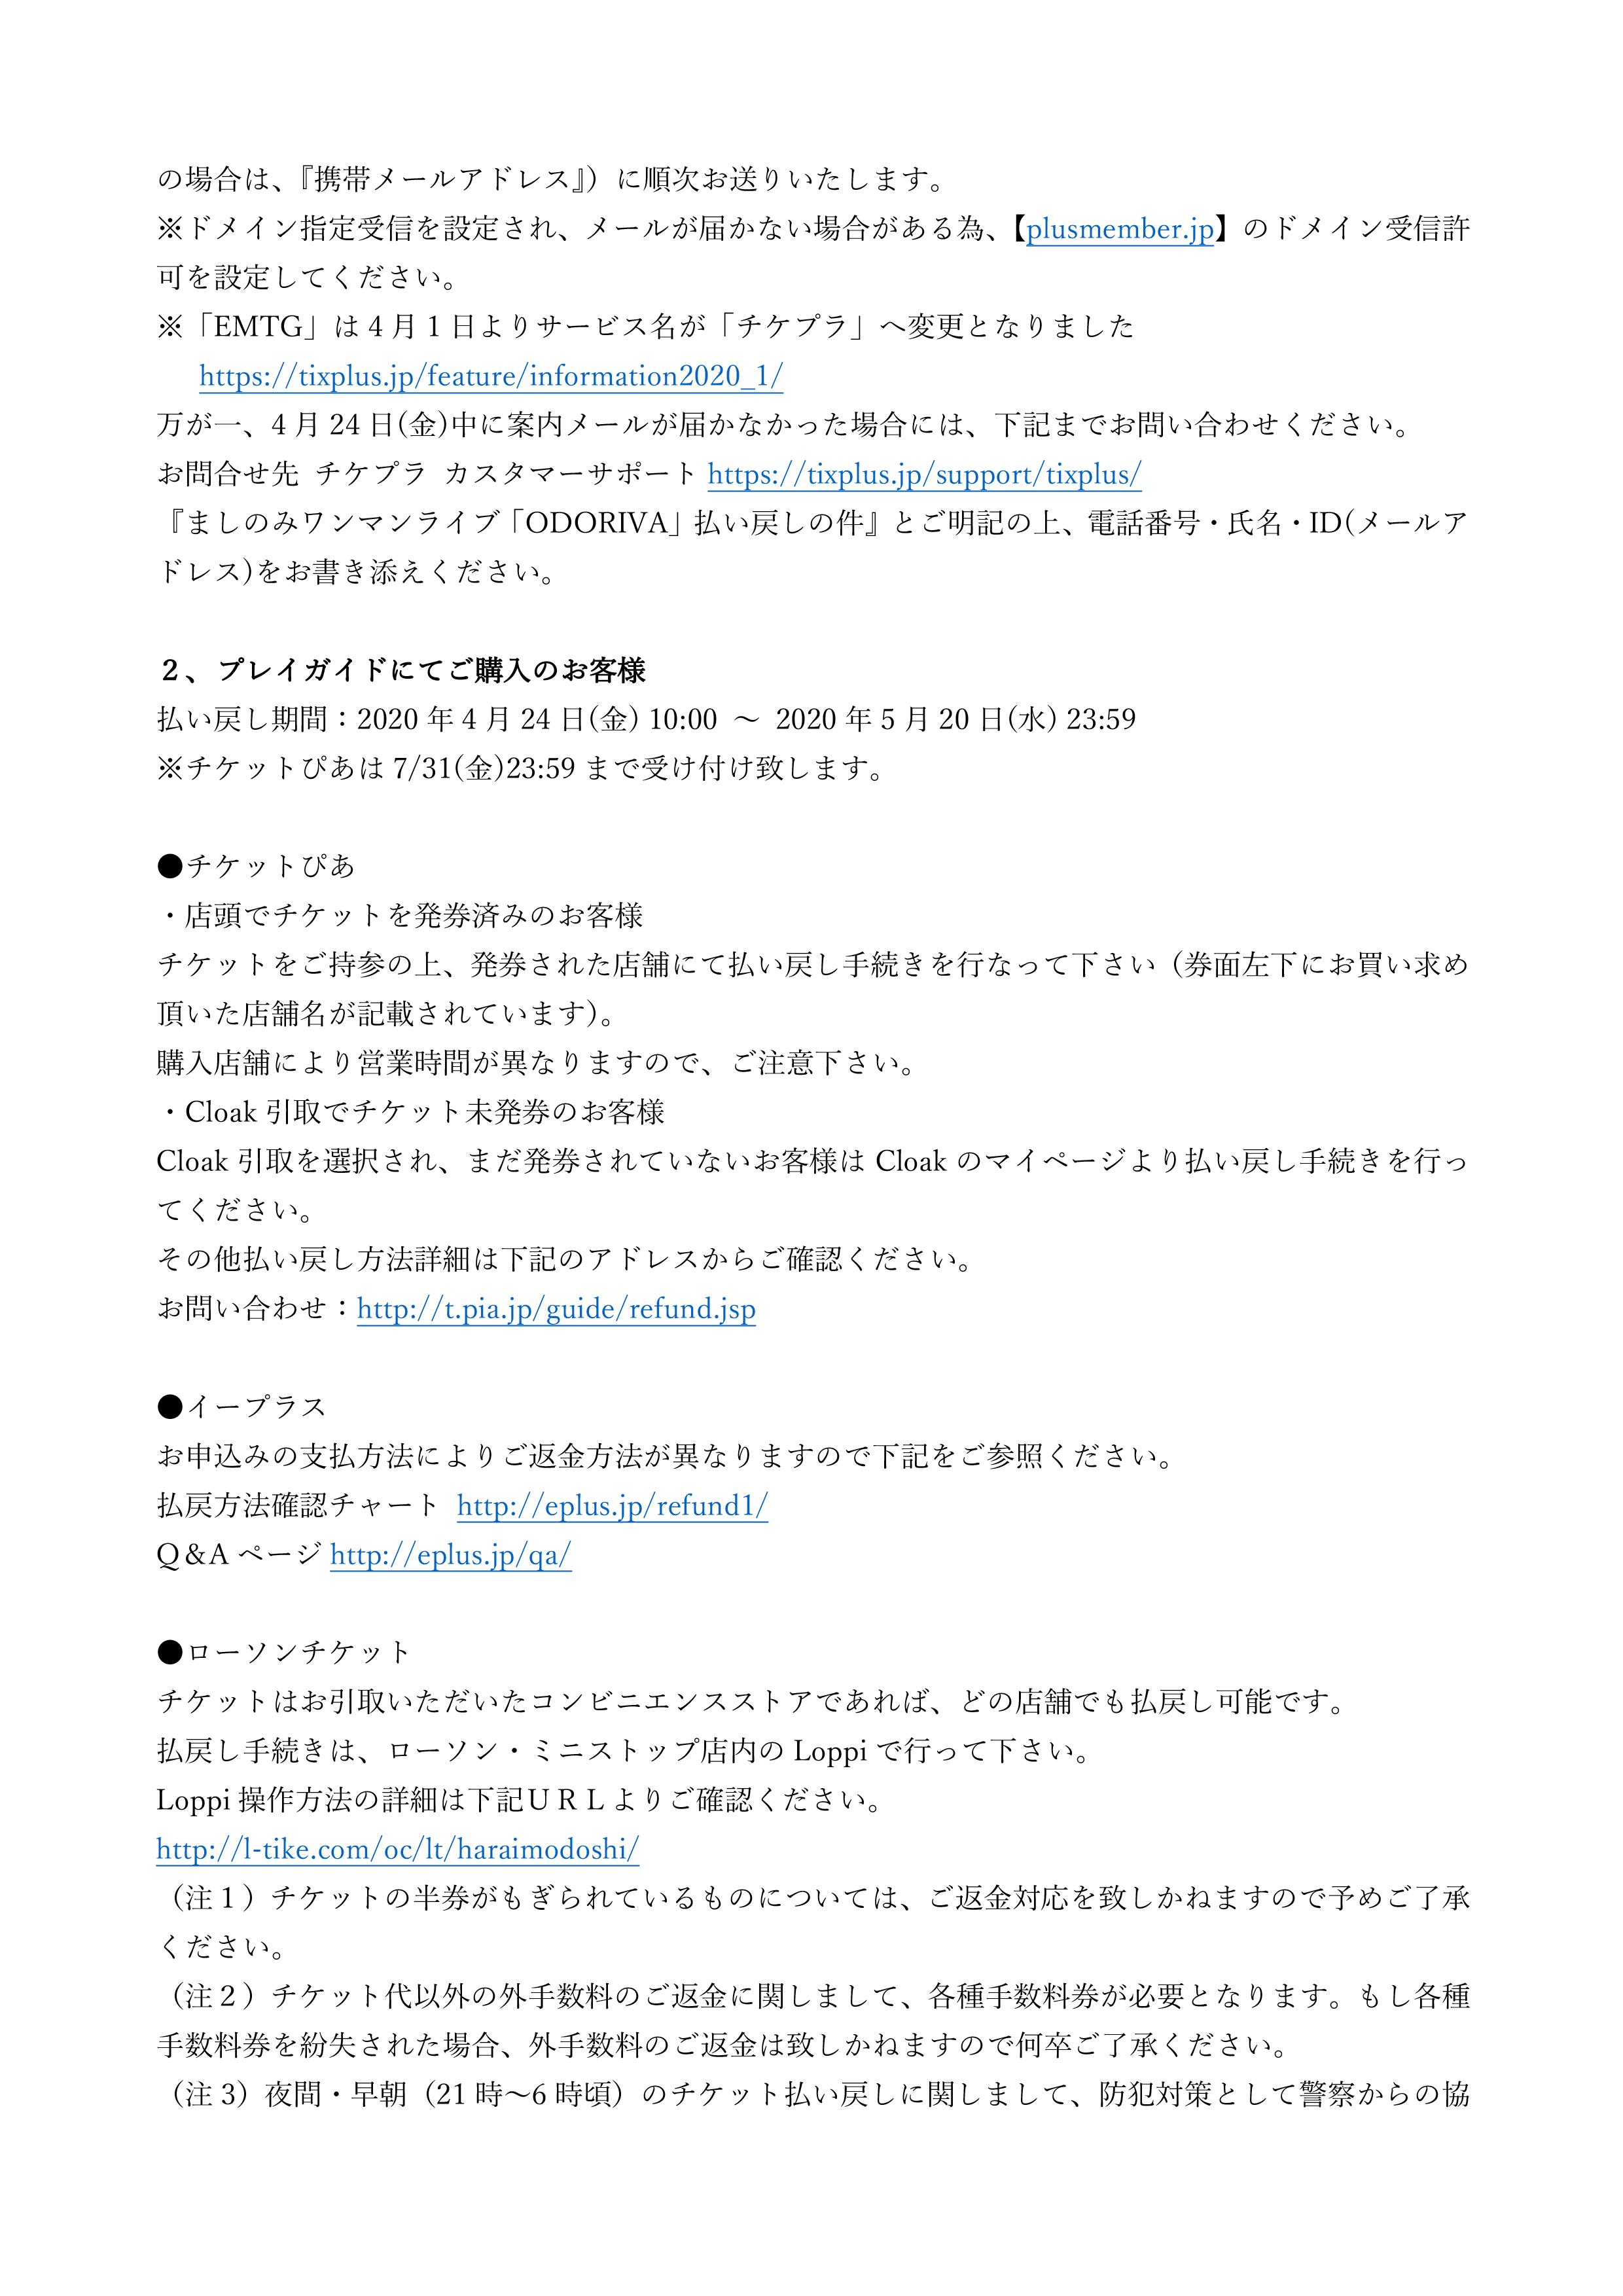 ましのみ ワンマンライブ、WIZY企画中止文言_ver16-2.jpg